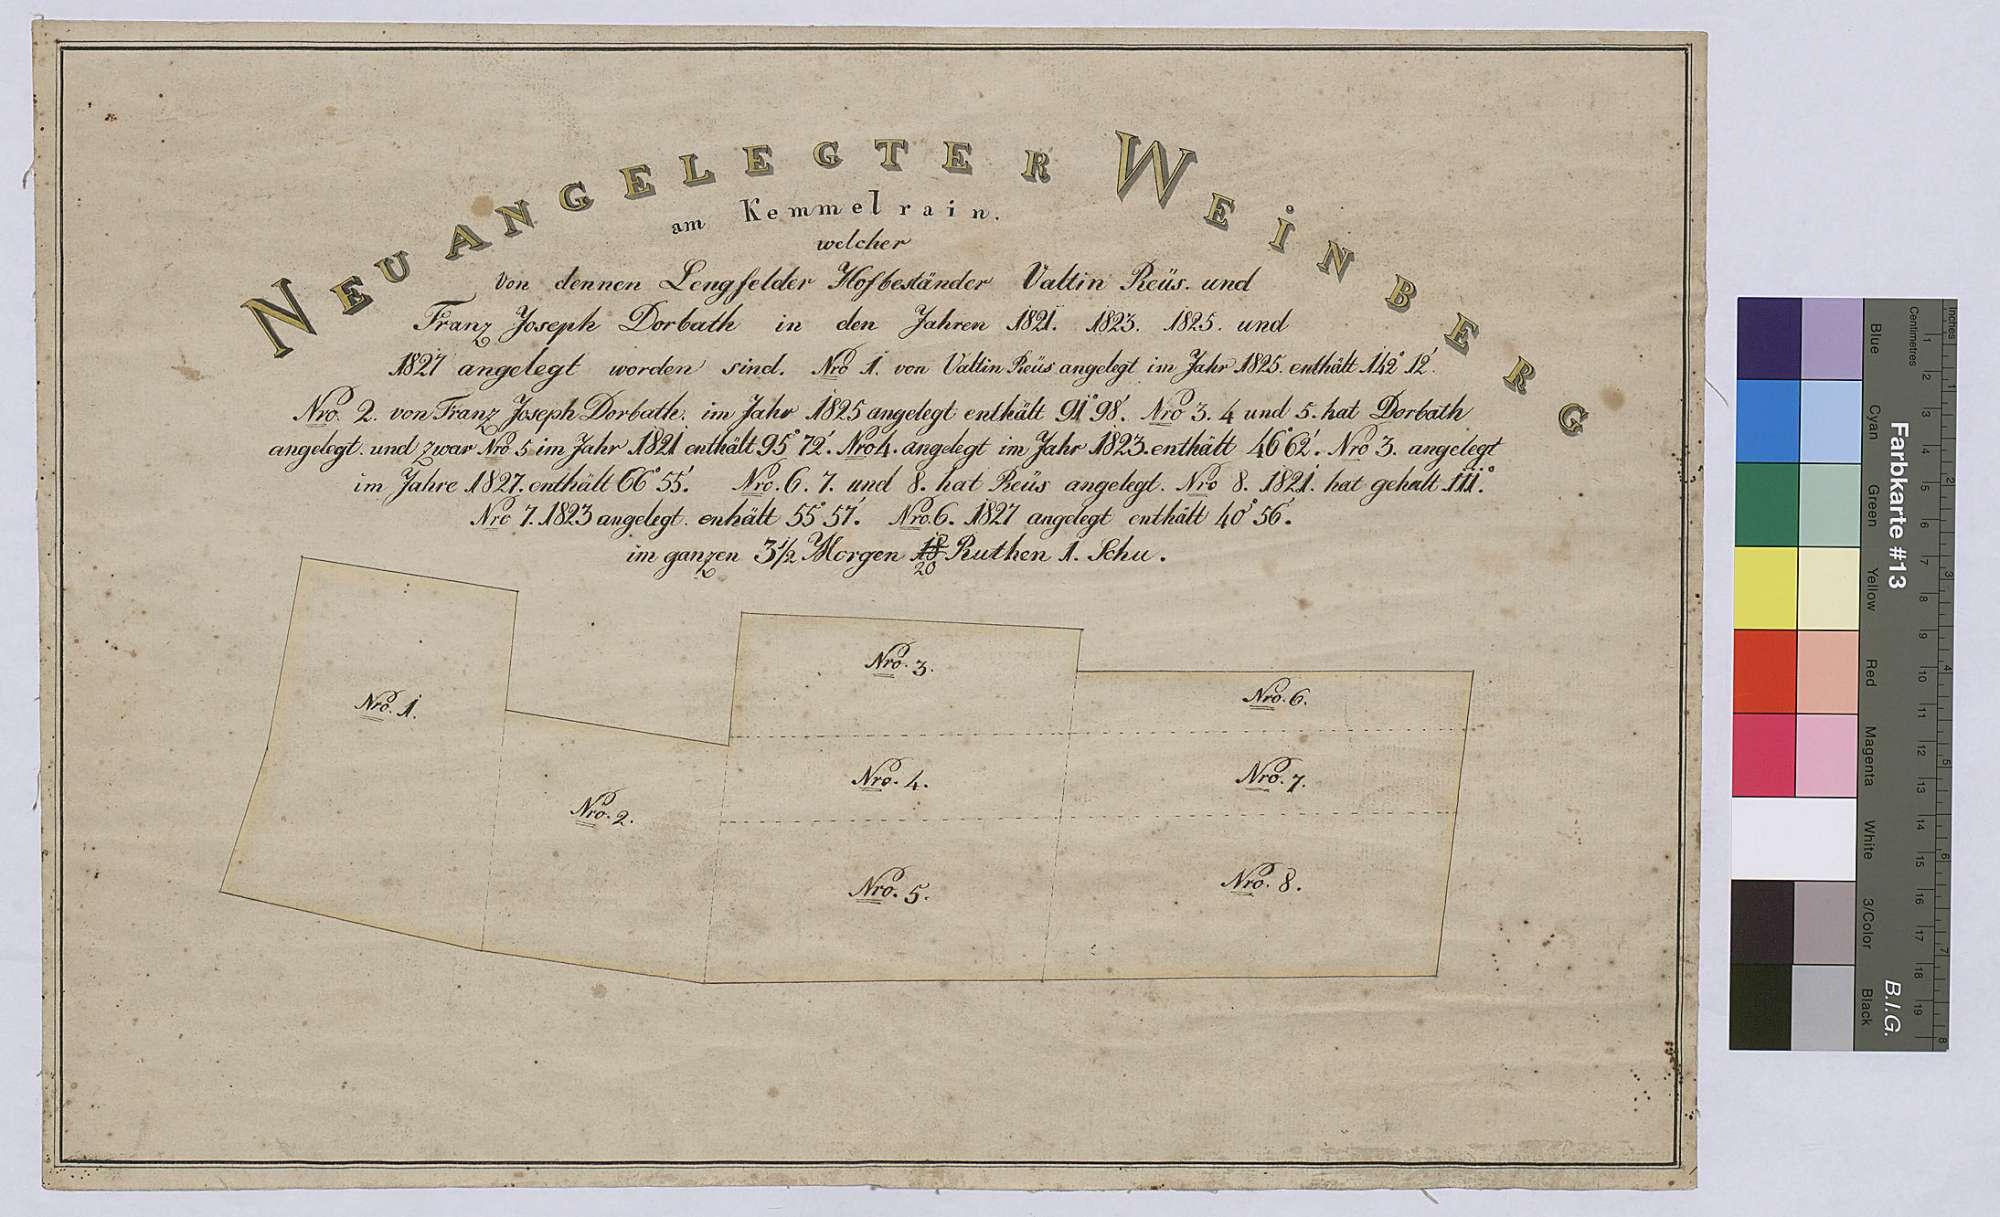 Neuangelegter Weinberg am Kemelrain von den Lengfelder Hofbeständern Valtin Reus und Franz Joseph Dorbath in den Jahren 1821, 1823, 1825 und 1827 (Inselkarte), Bild 1